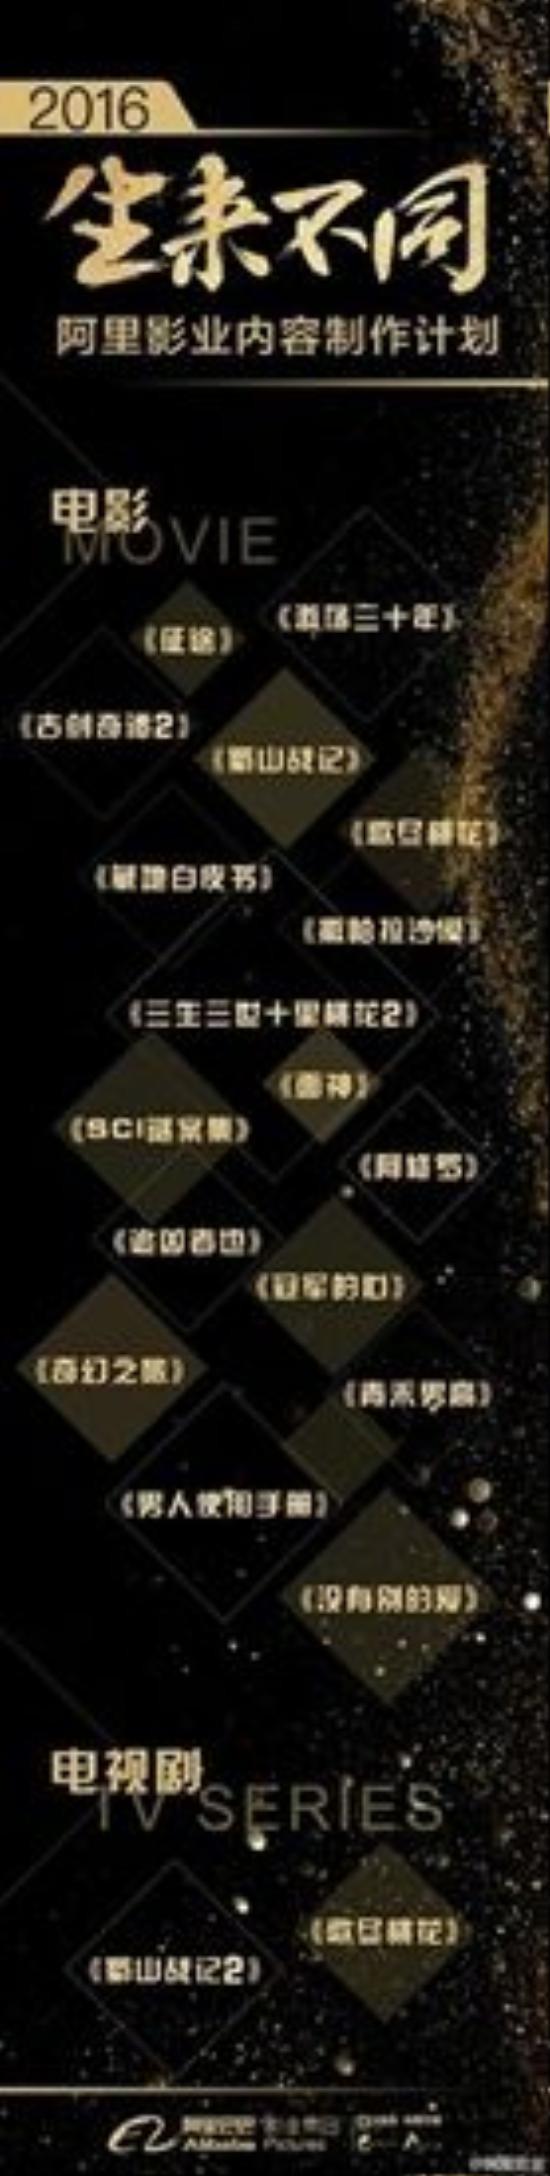 Cùng nằm trong danh sách những bộ phim mới của Alibaba còn có những tác phẩm nổi bật khác như Tam sinh tam thế – Thập lý đào hoa 2, Cổ kiếm kỳ đàm 2, Ca tẫn đào hoa, Thục sơn chiến kỷ 2…